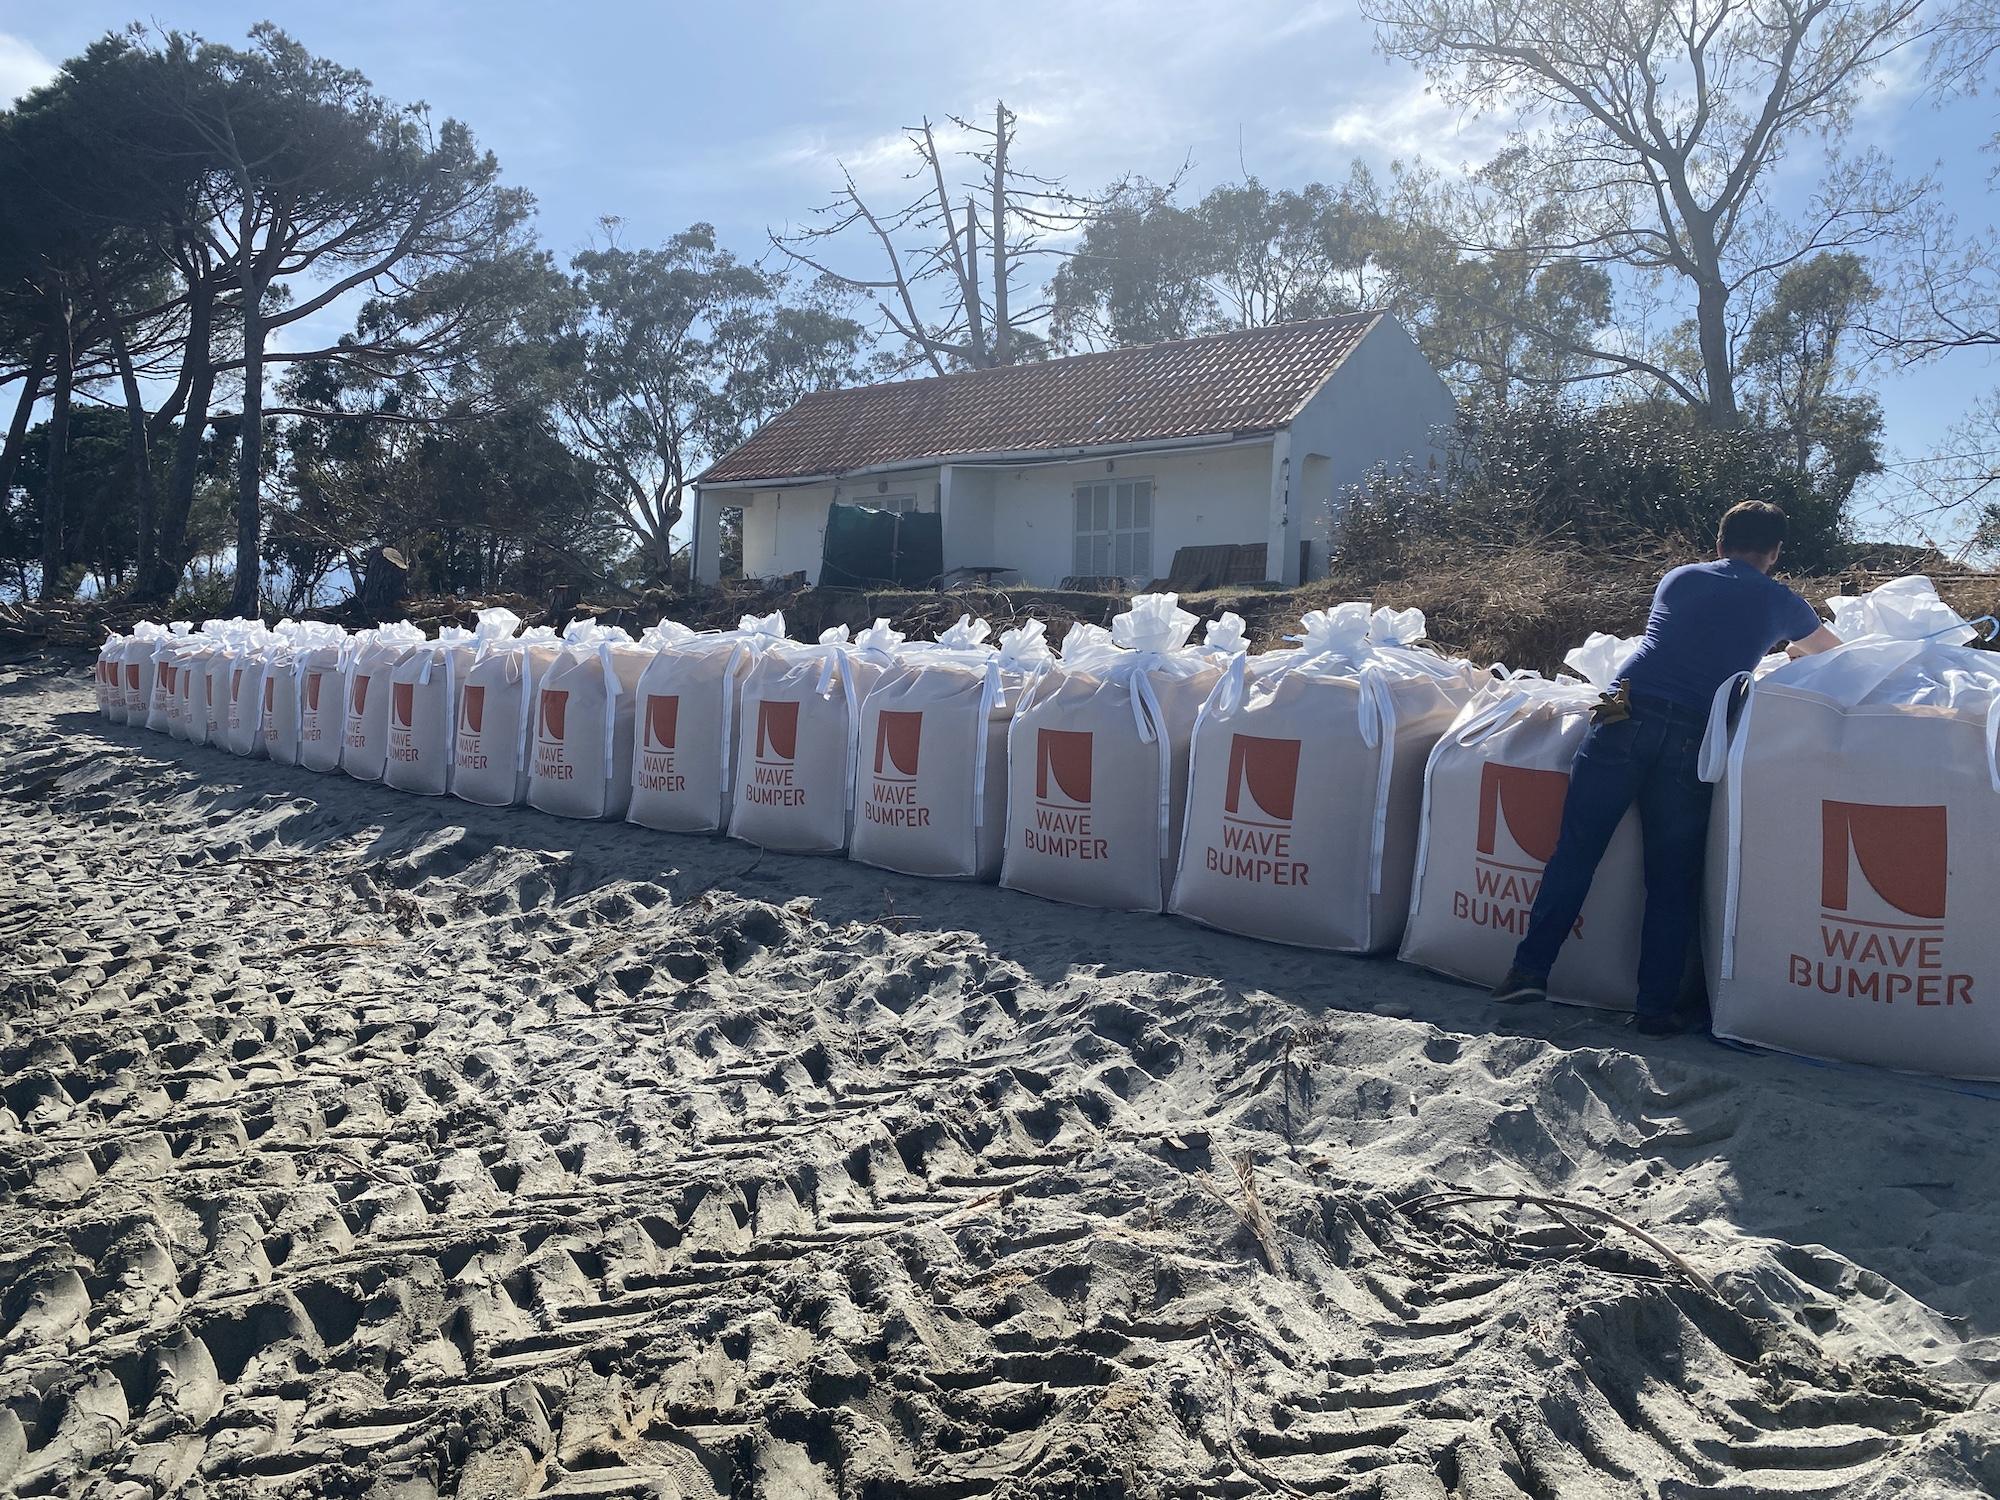 Des sacs de sable de deux tonnes pour empêcher la mer de grignoter les parcelles des riverains.